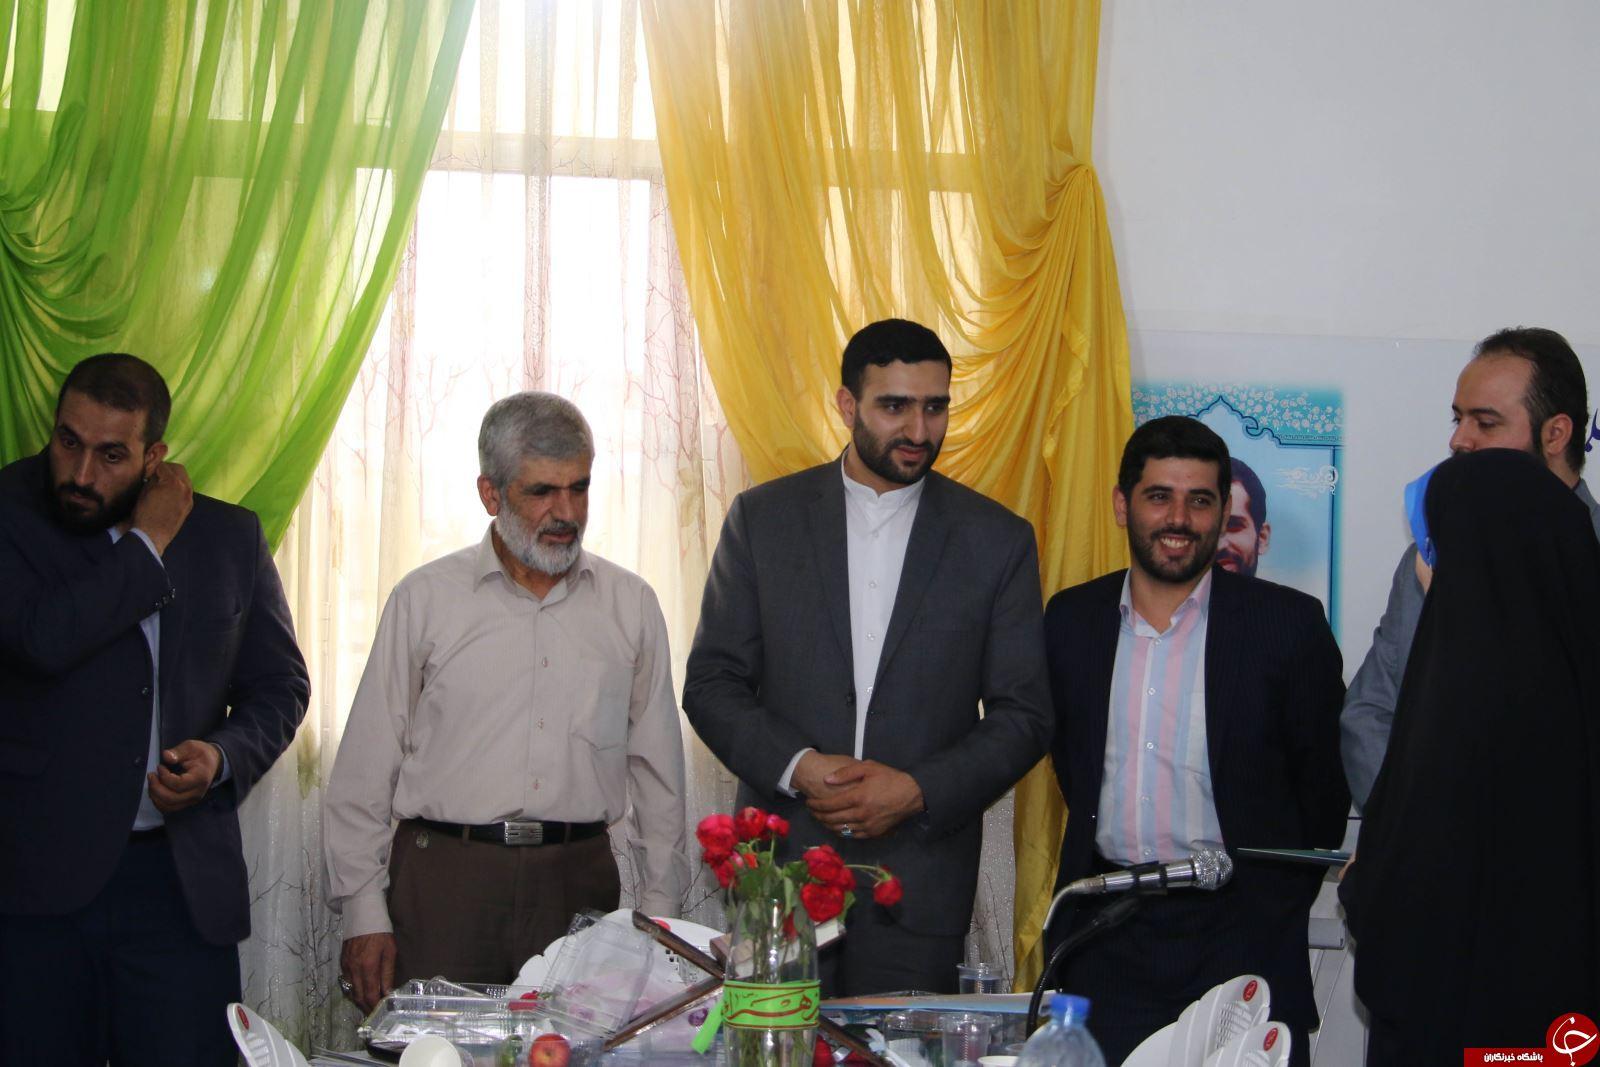 ماجرای درخواست وام پدر احمدی روشن از رهبری